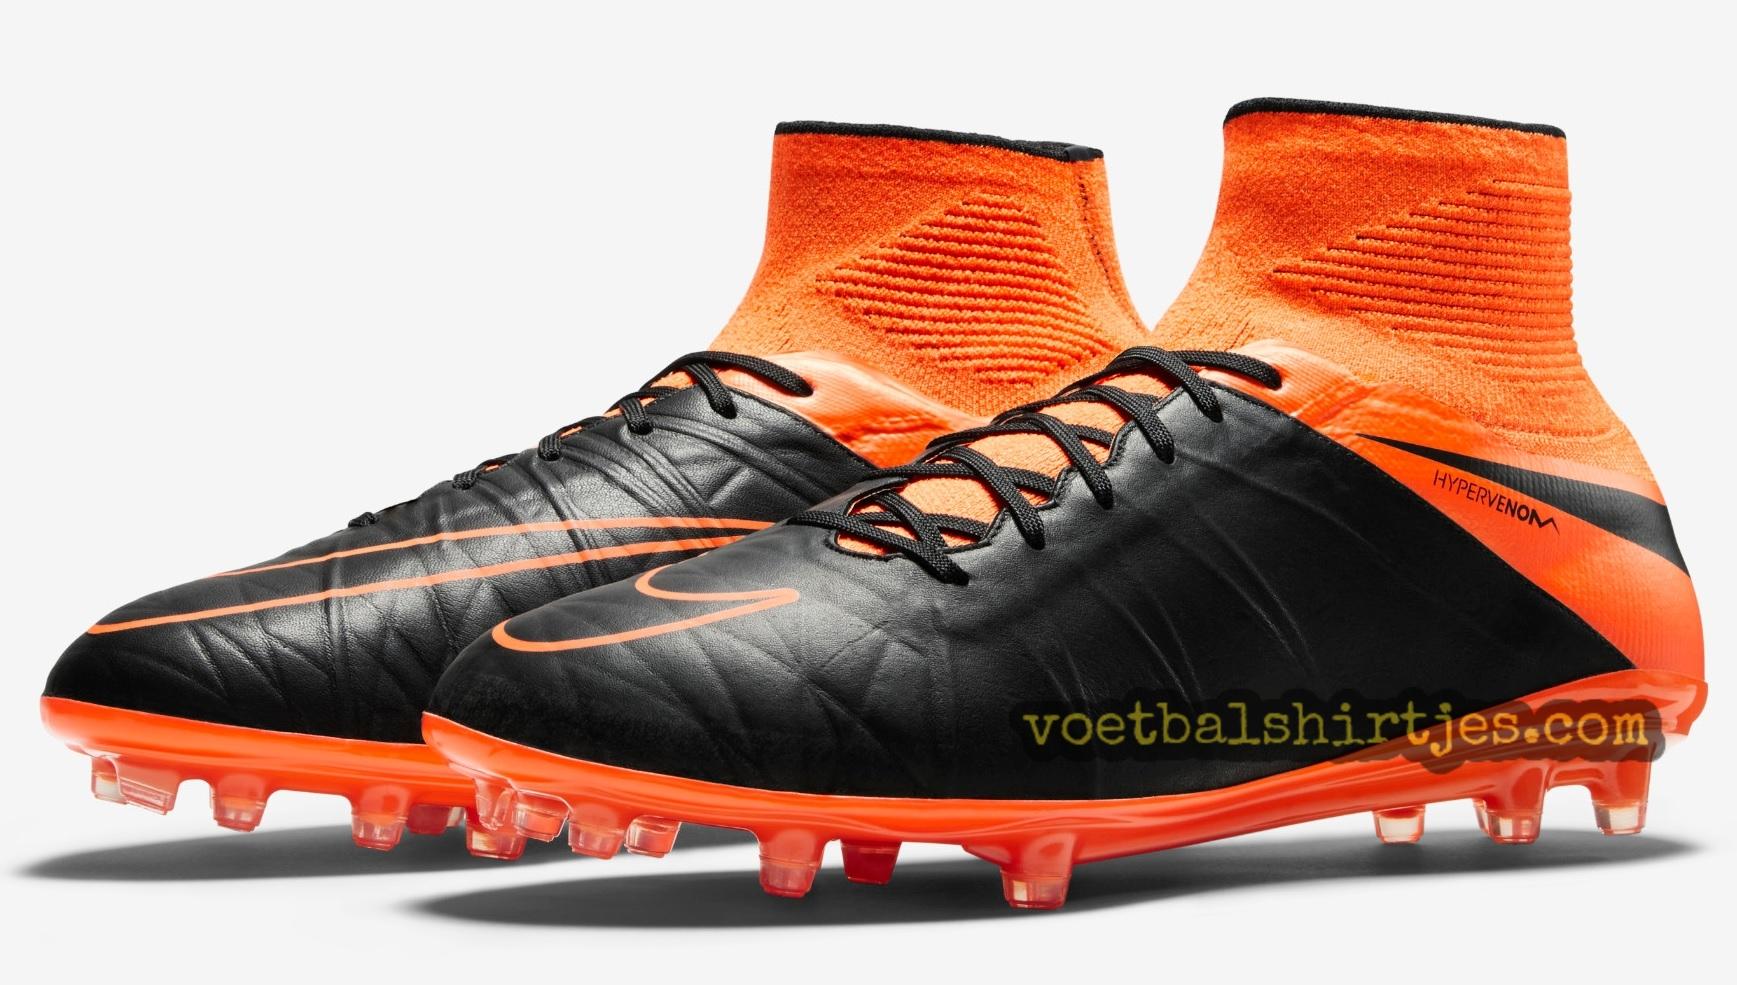 hot sale online d9d25 abaa6 Nike Hypervenom 2 Leather Black - Total Orange